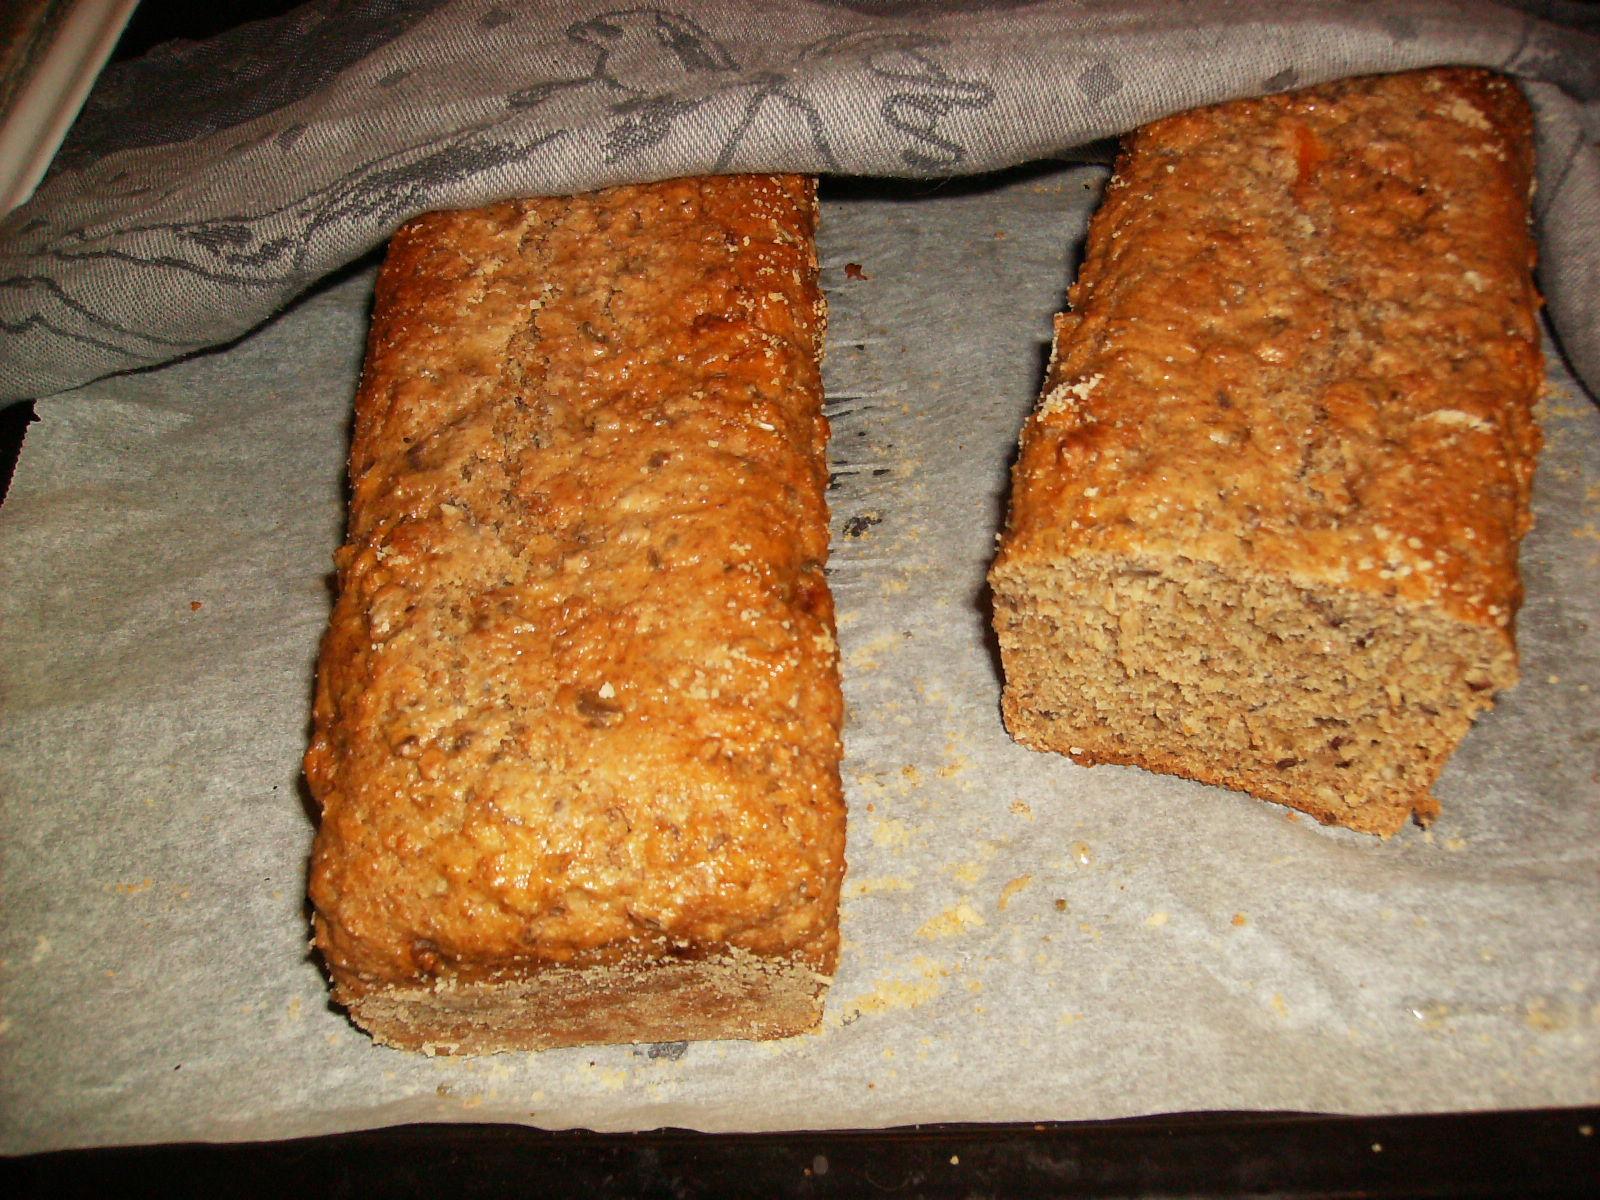 godaste brödet någonsin